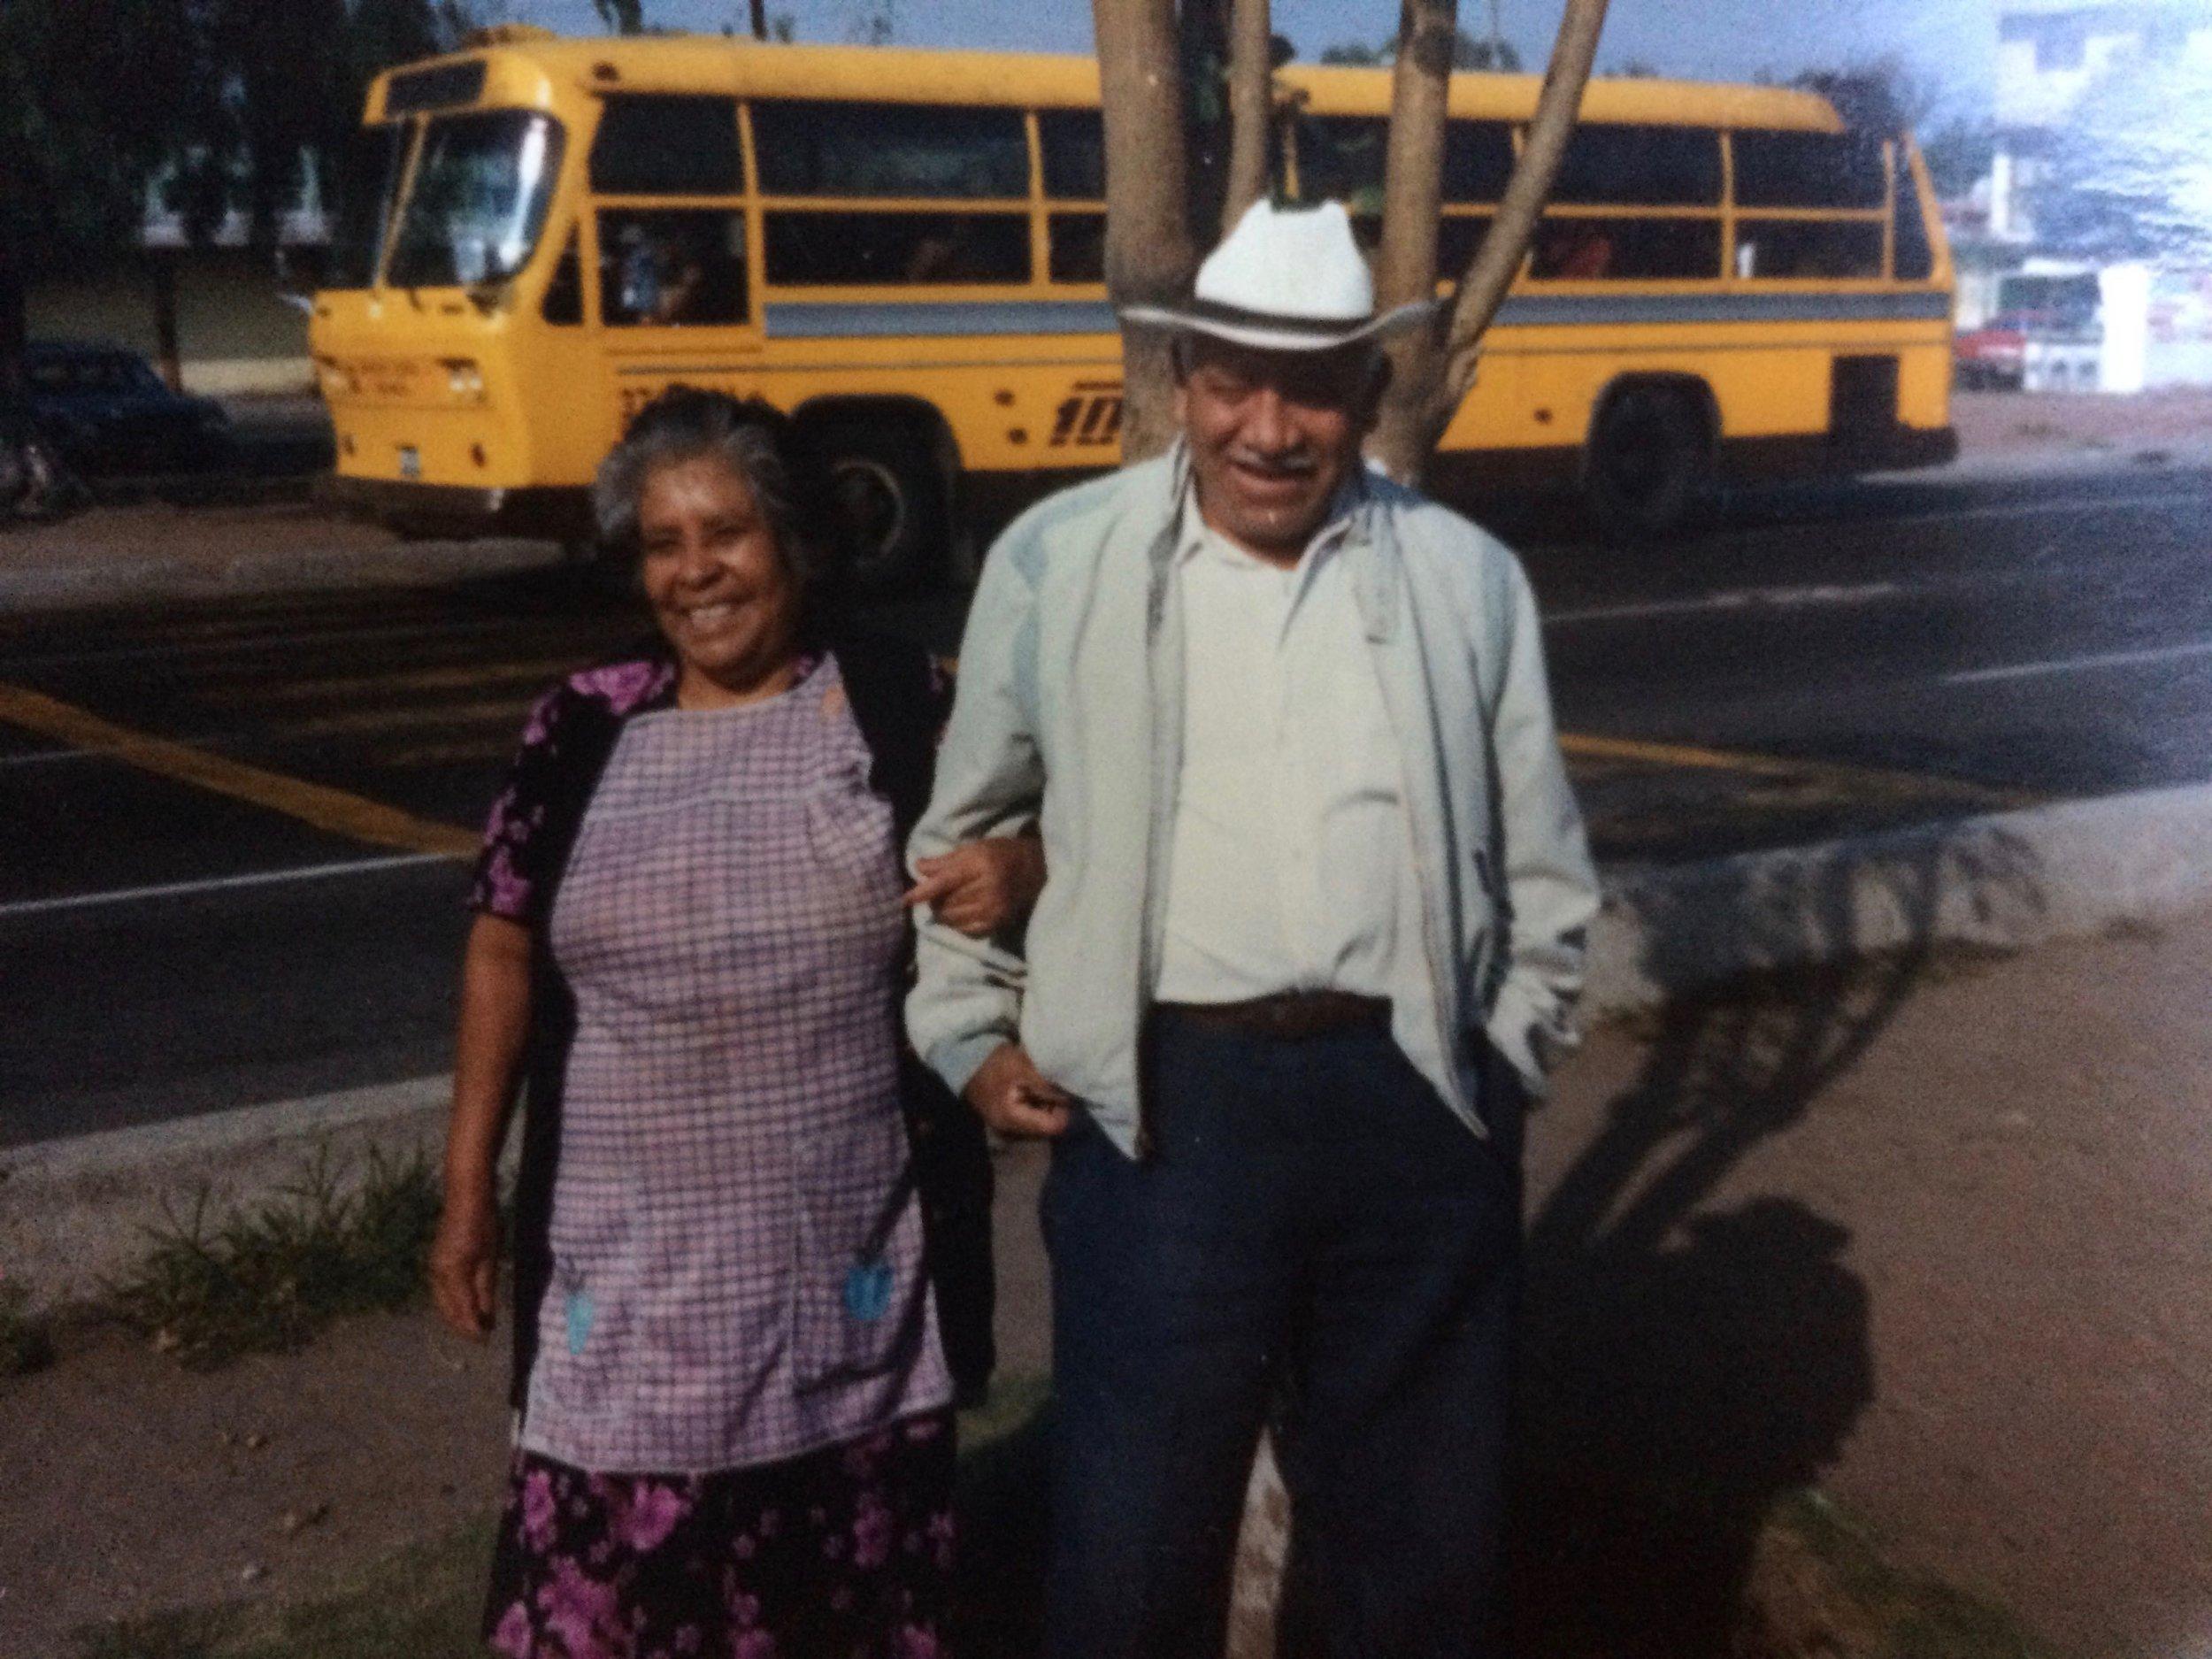 Mamá and Papá Soto Lopez